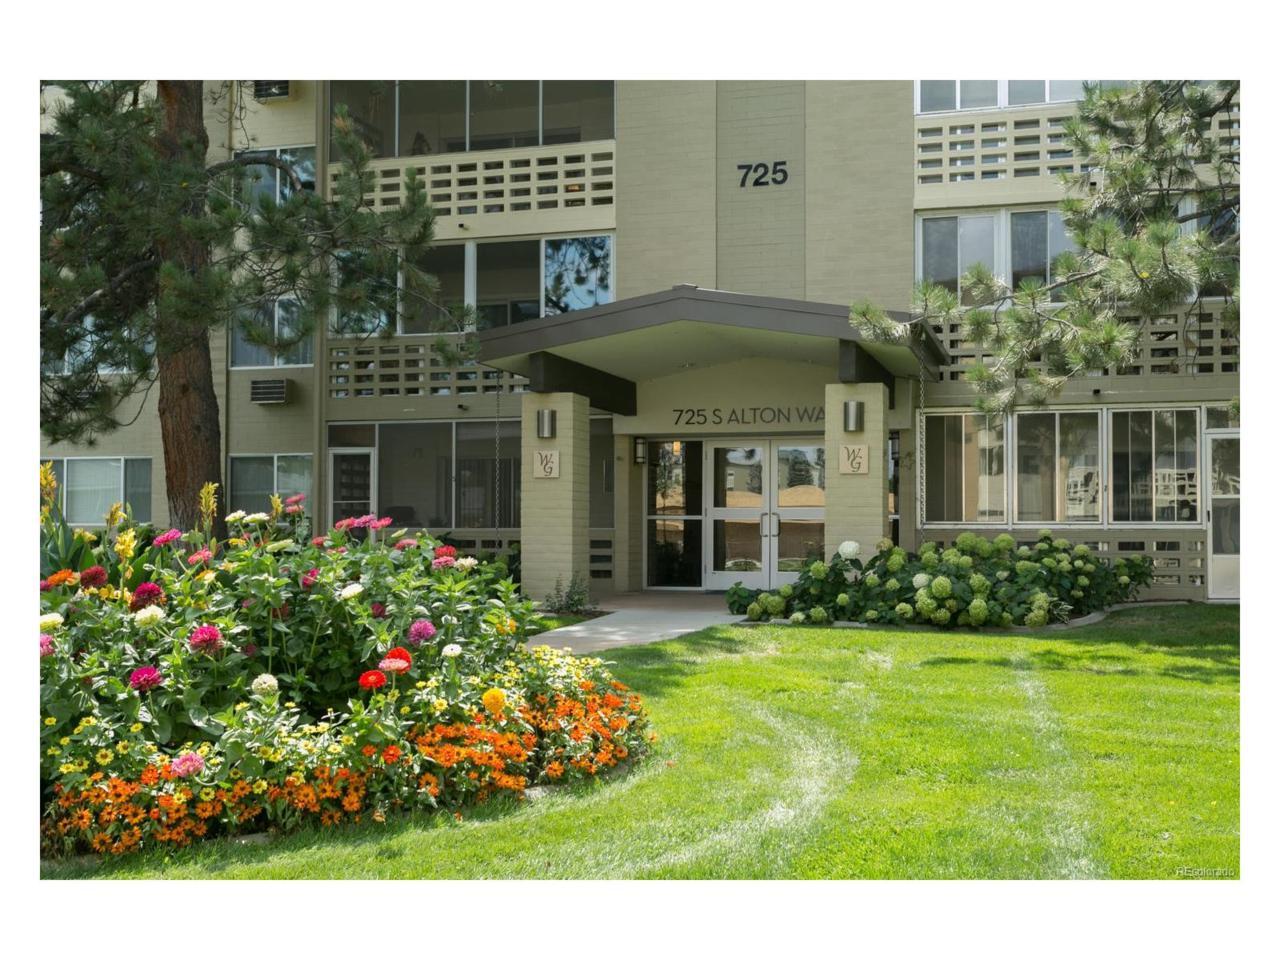 725 S Alton Way 4A, Denver, CO 80247 (MLS #2020343) :: 8z Real Estate